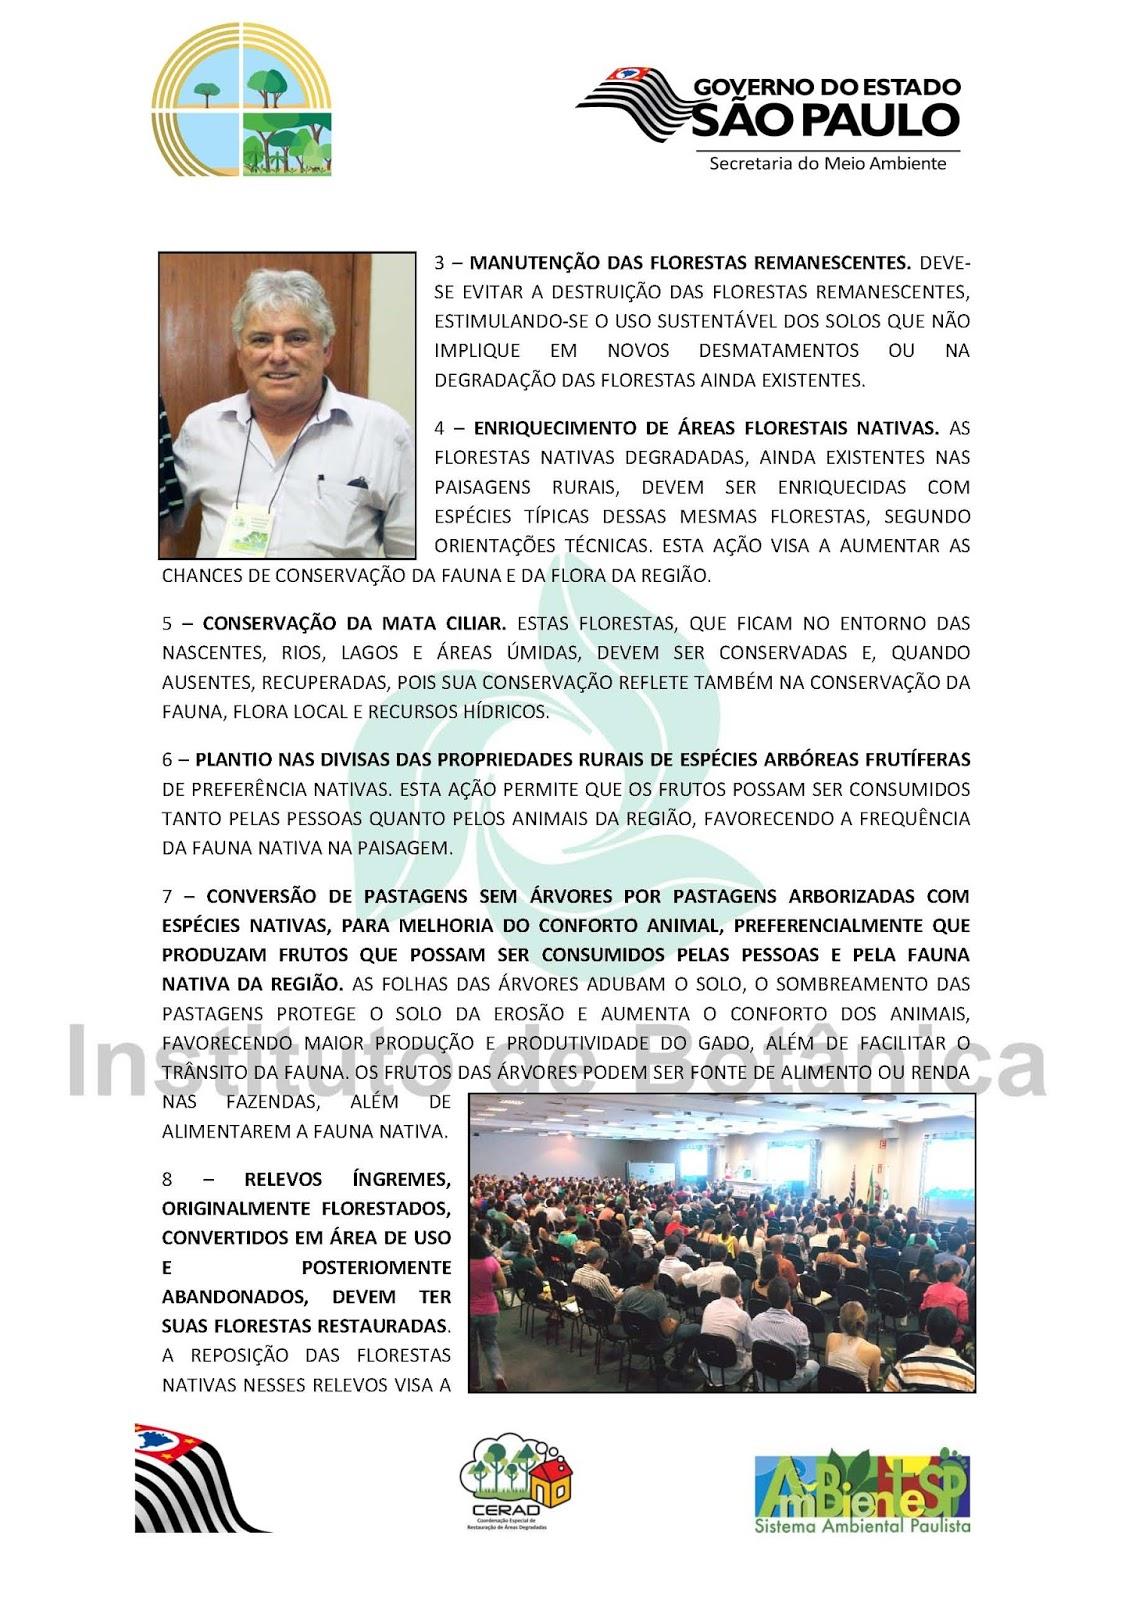 Carta da comunidade científica do VI Simpósio de Restauração Ecológica à população